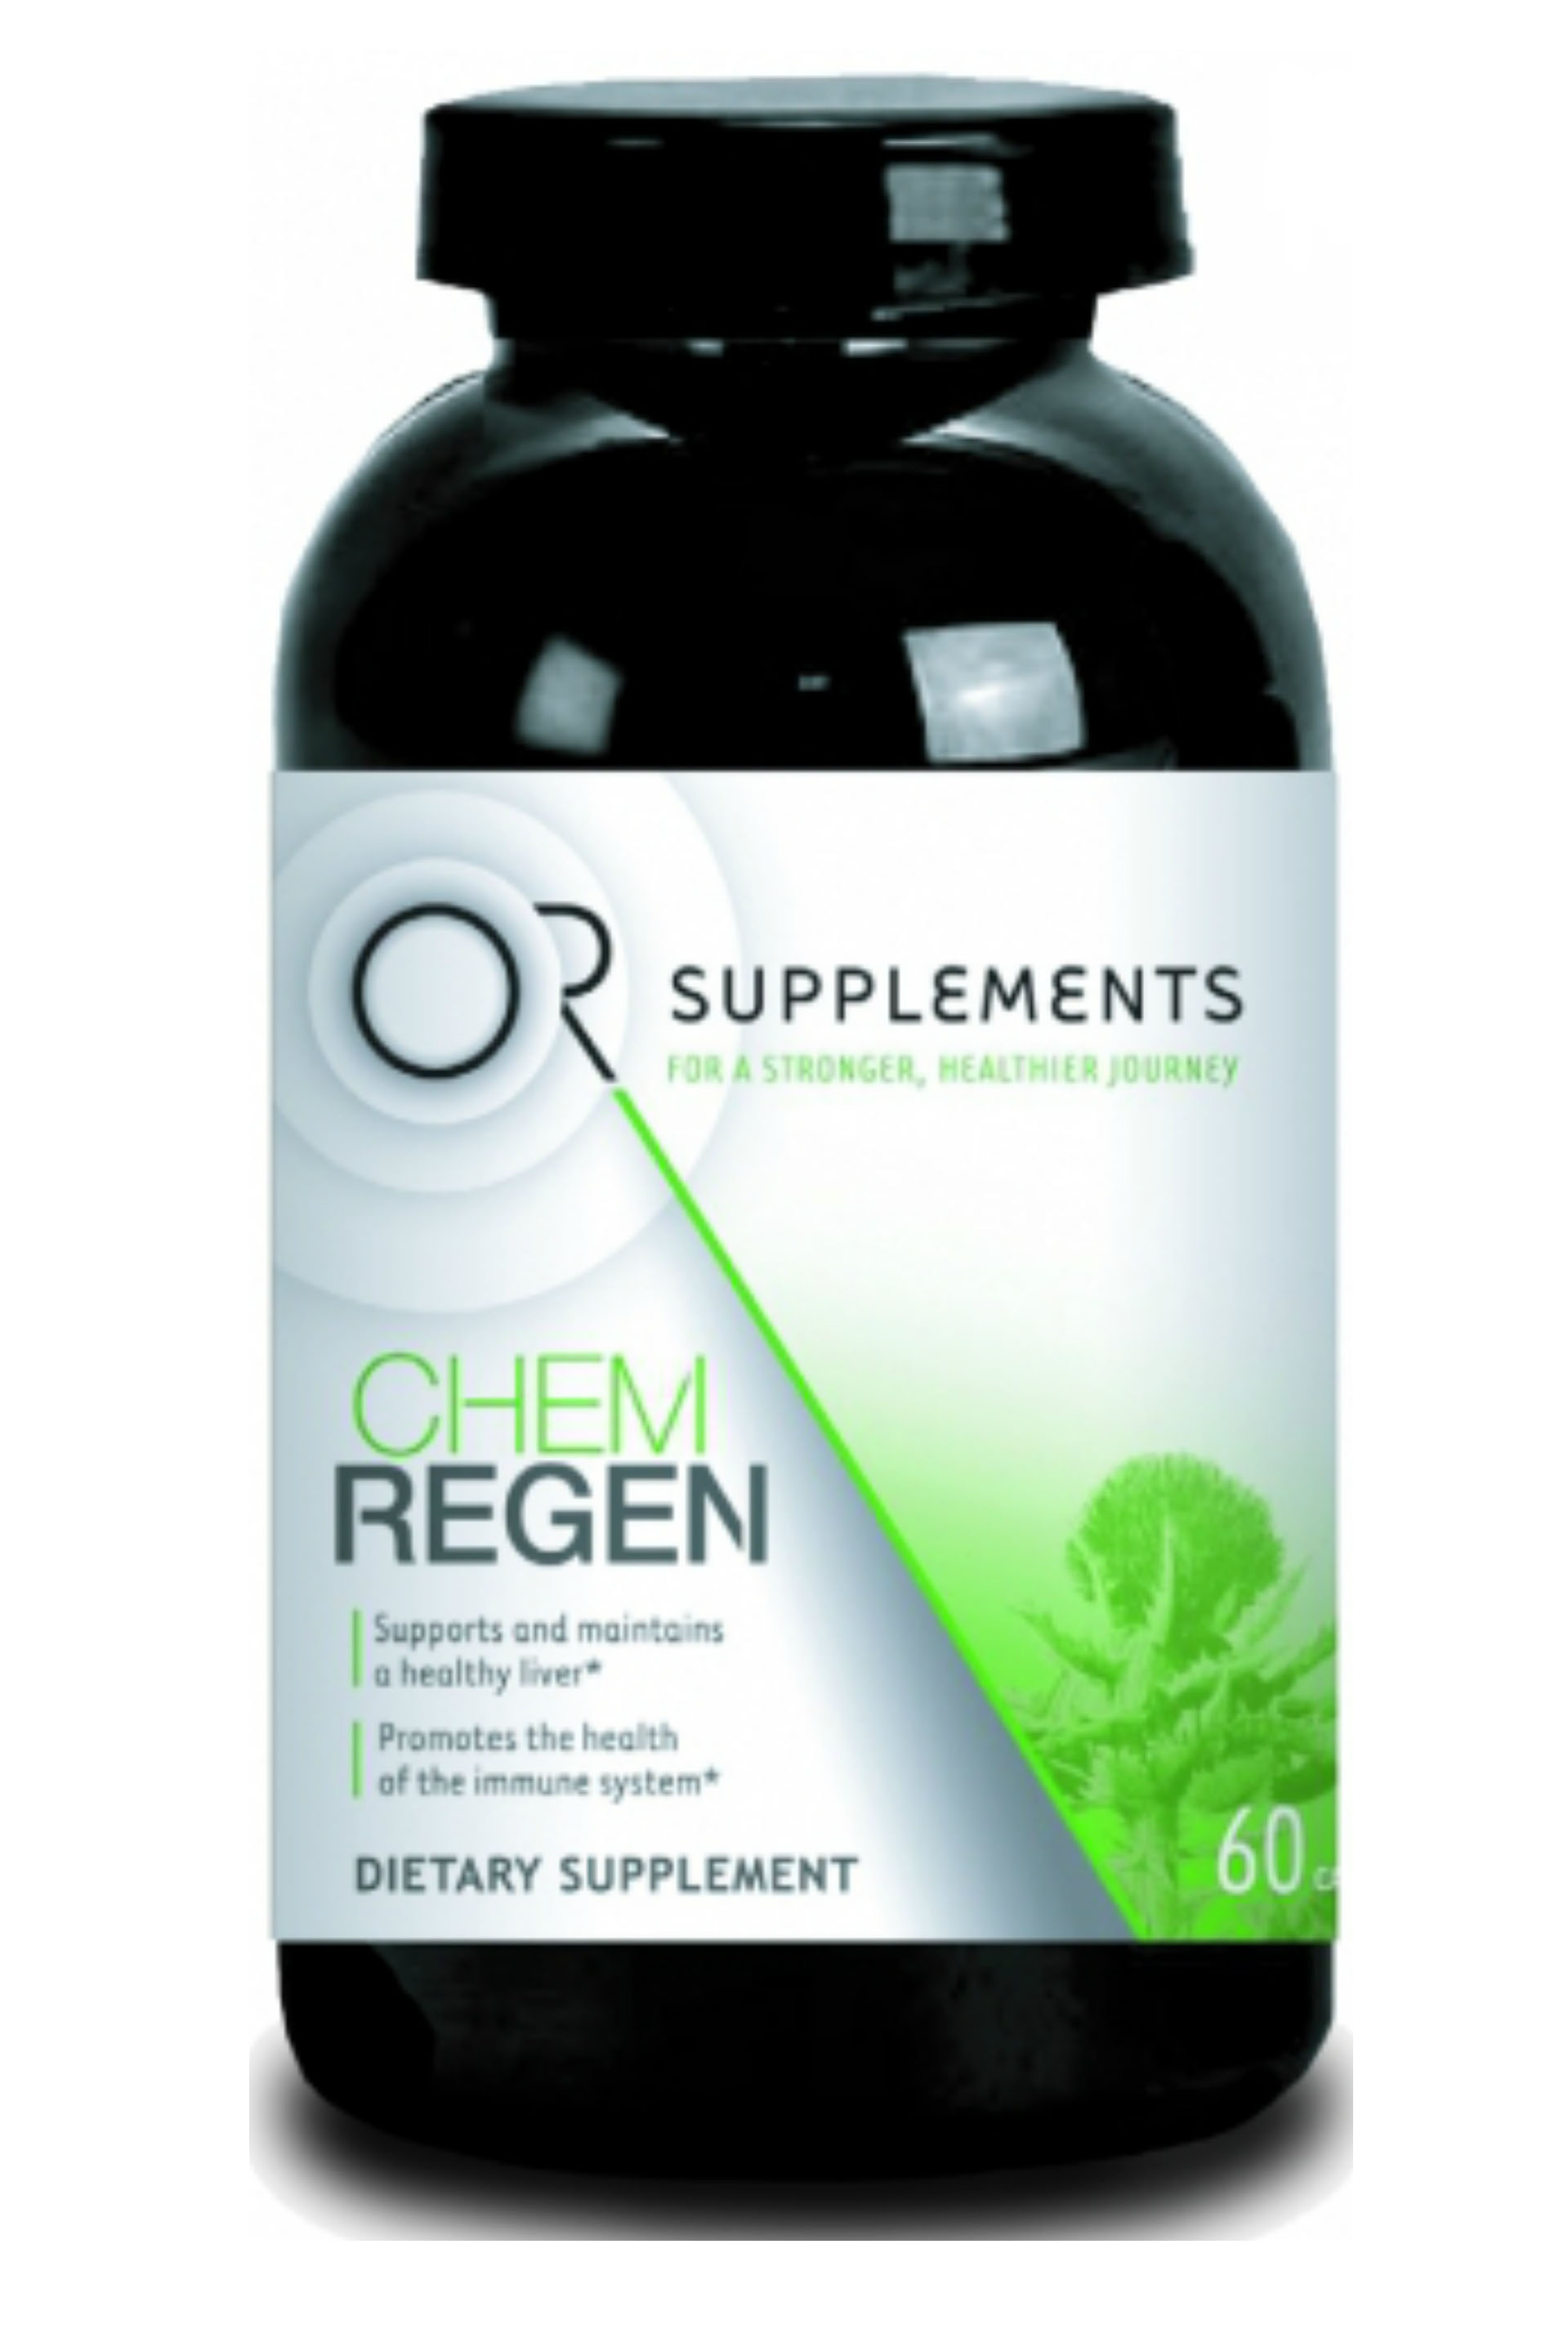 ქემ რეჯენ / CHEM Regen